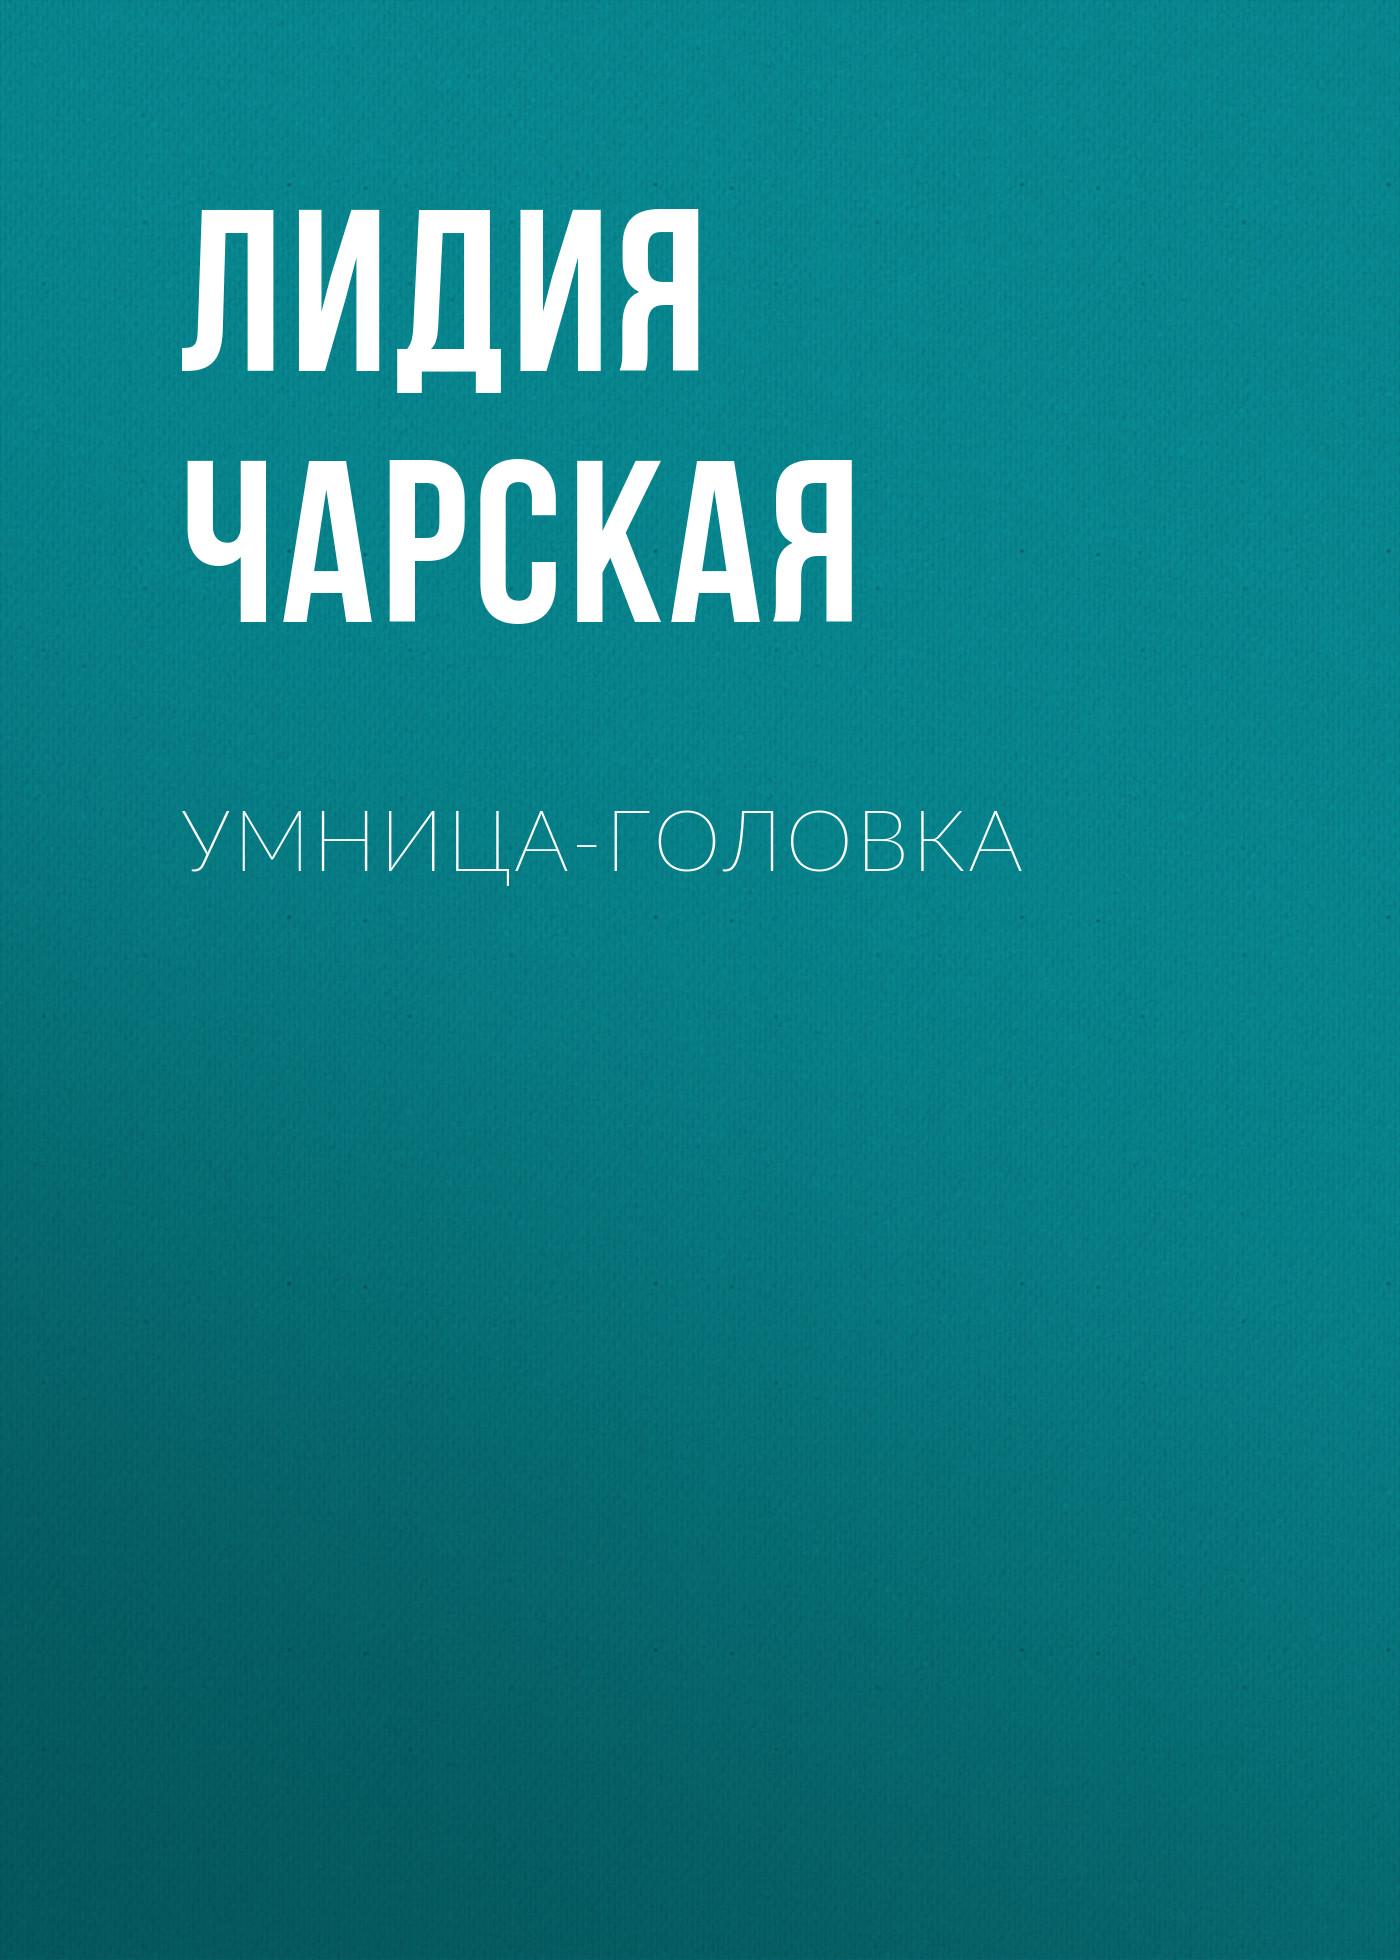 Купить книгу Умница-головка, автора Лидии Чарской